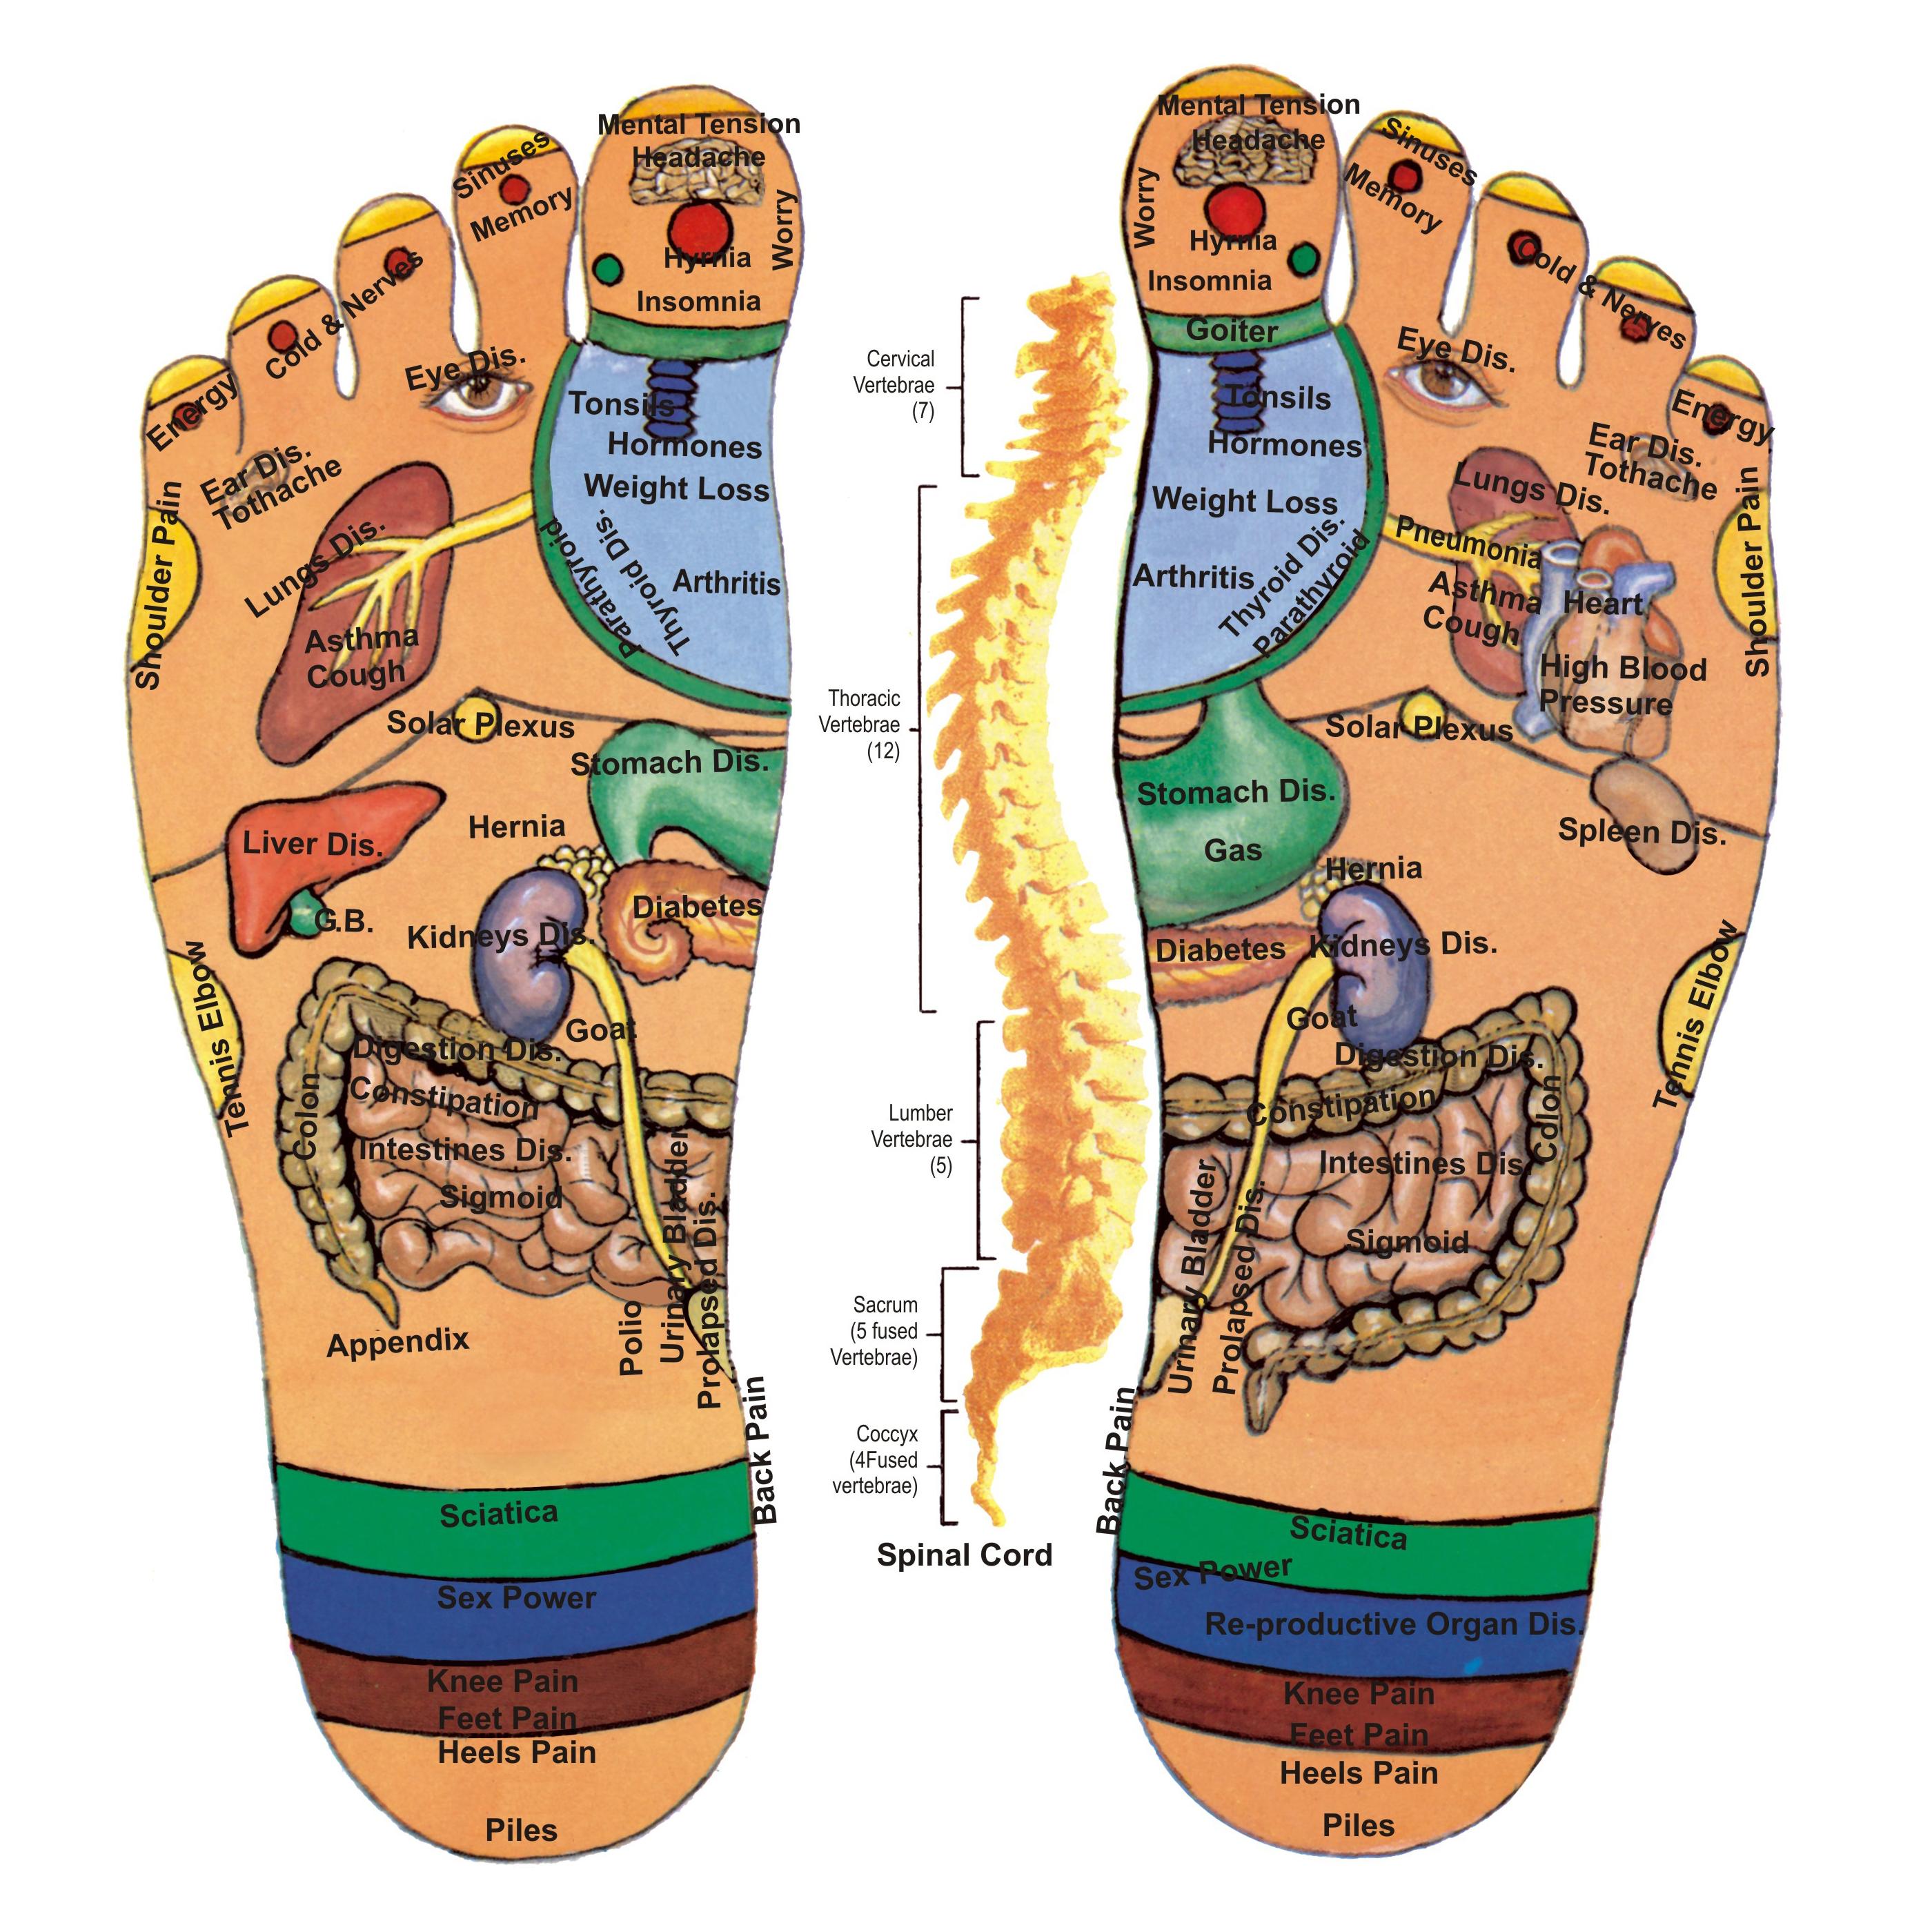 腳底按摩 按摩腳底反射區域治百病 - 準建築人 FAM 討論區